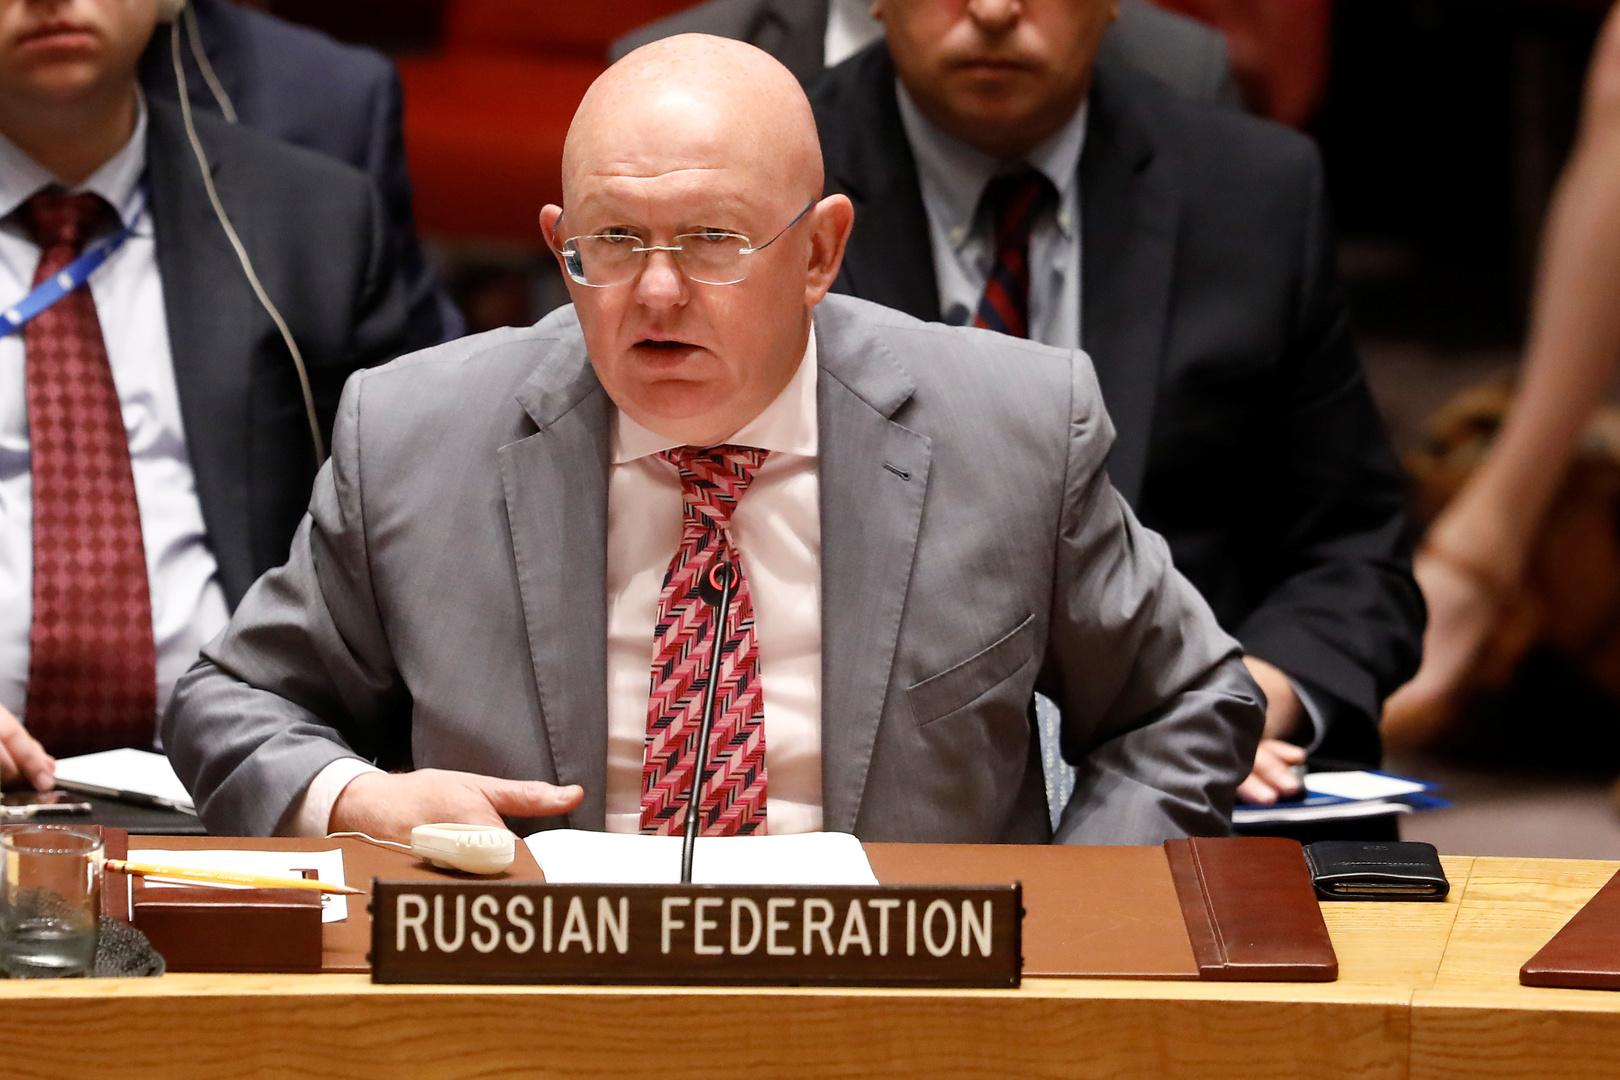 موسكو: حكومة الوفاق الوطني في ليبيا لم تبد استعدادا للدخول في الحوار